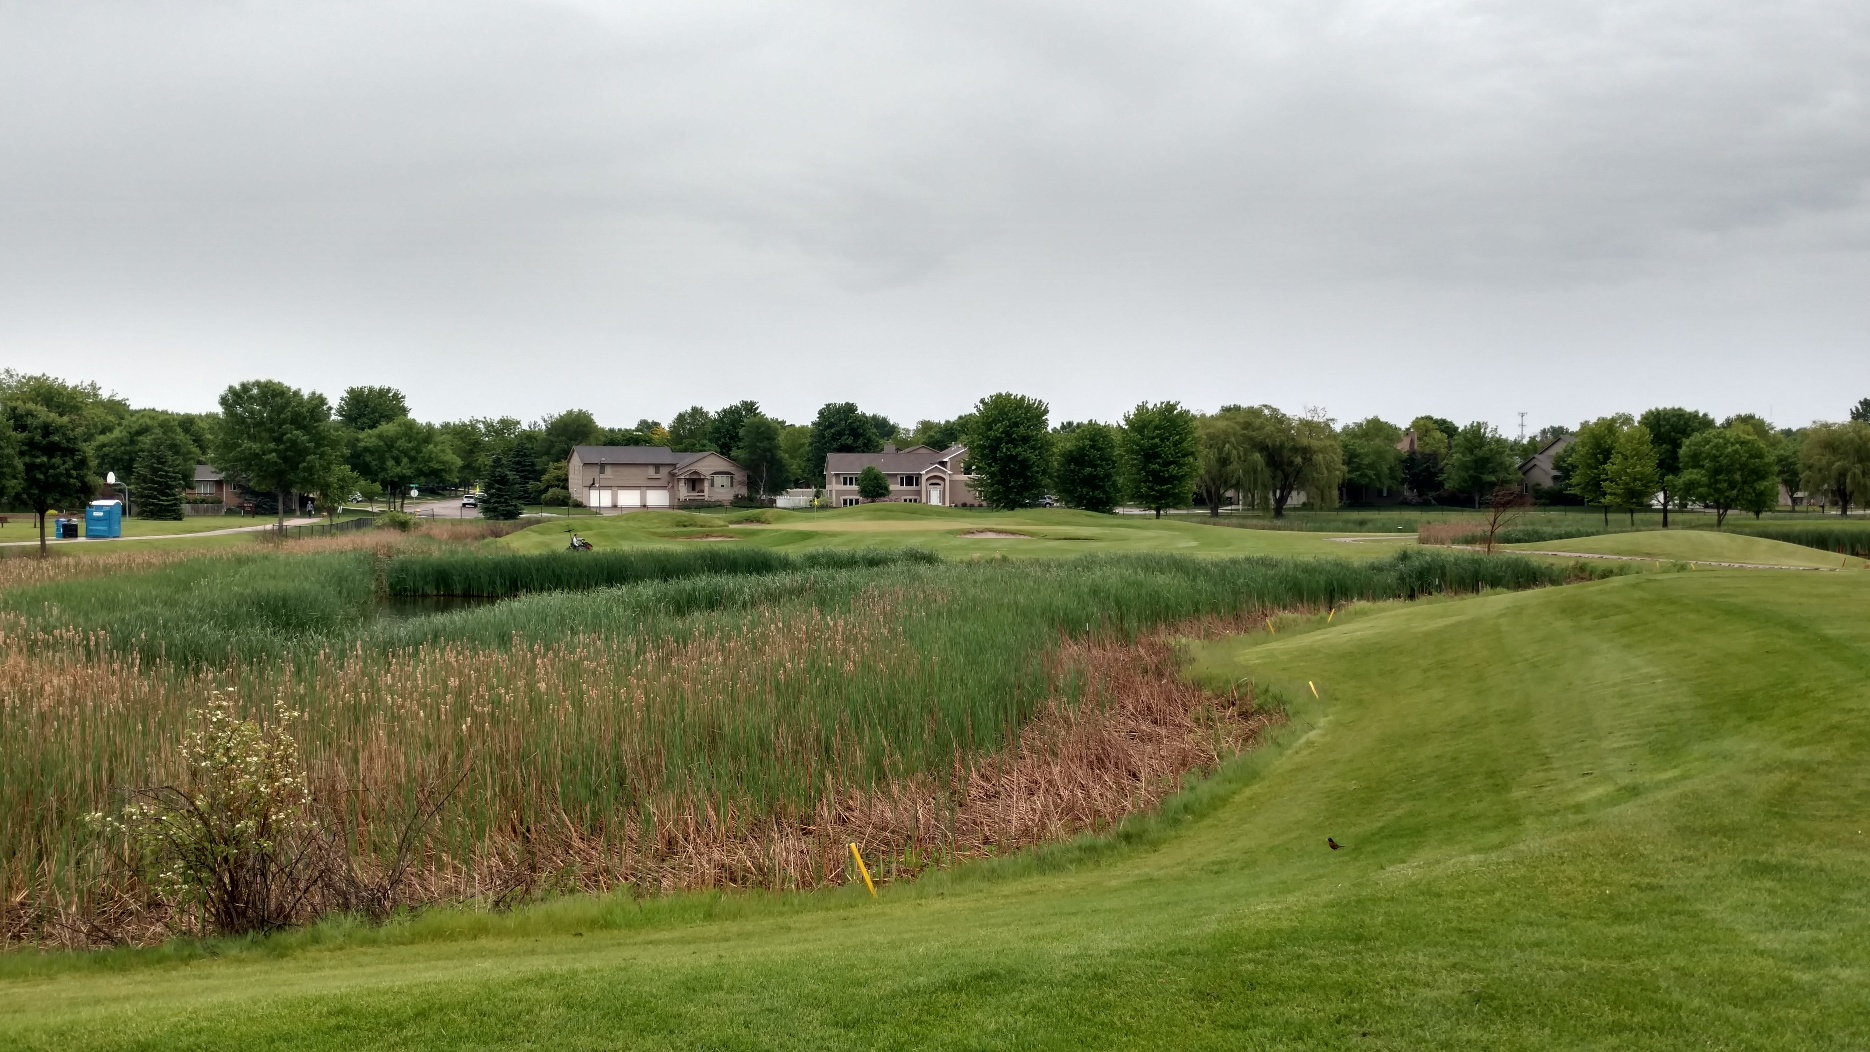 Prairie Green Golf Course (Sioux Falls, SD on 05/27/17)